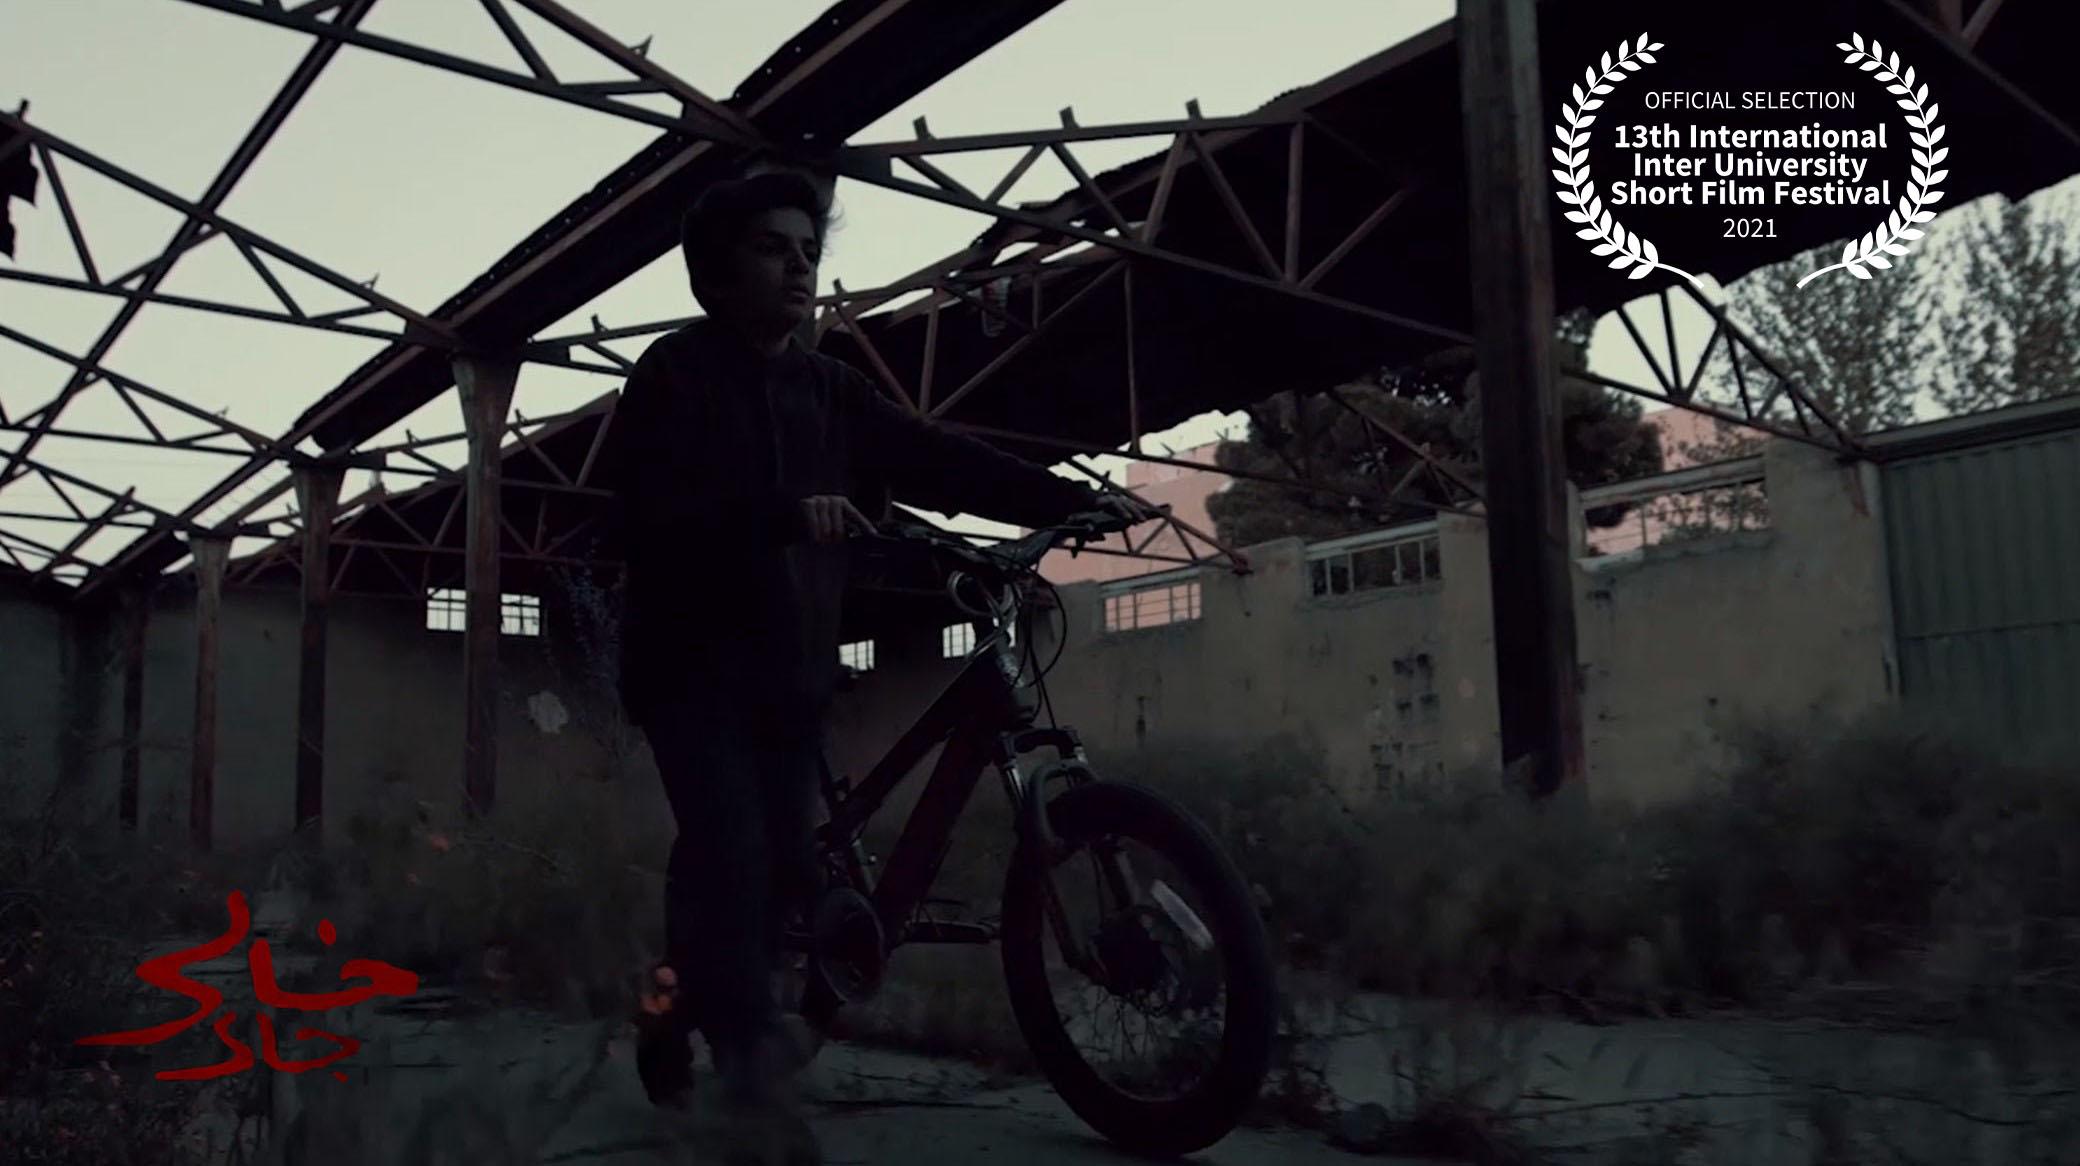 رقابت «جای خالی» در جشواره فیلم کوتاه دانشجویی داکا